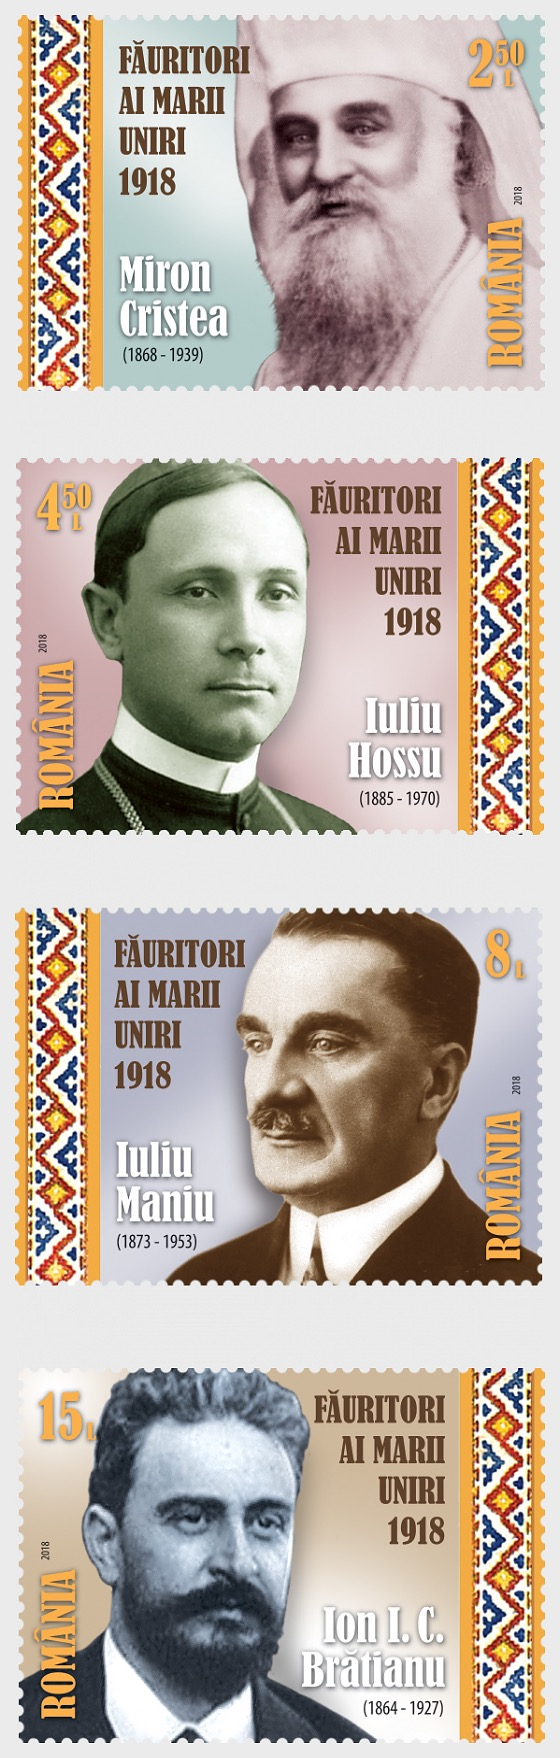 Fundadores de la Gran Unión (I) - Series